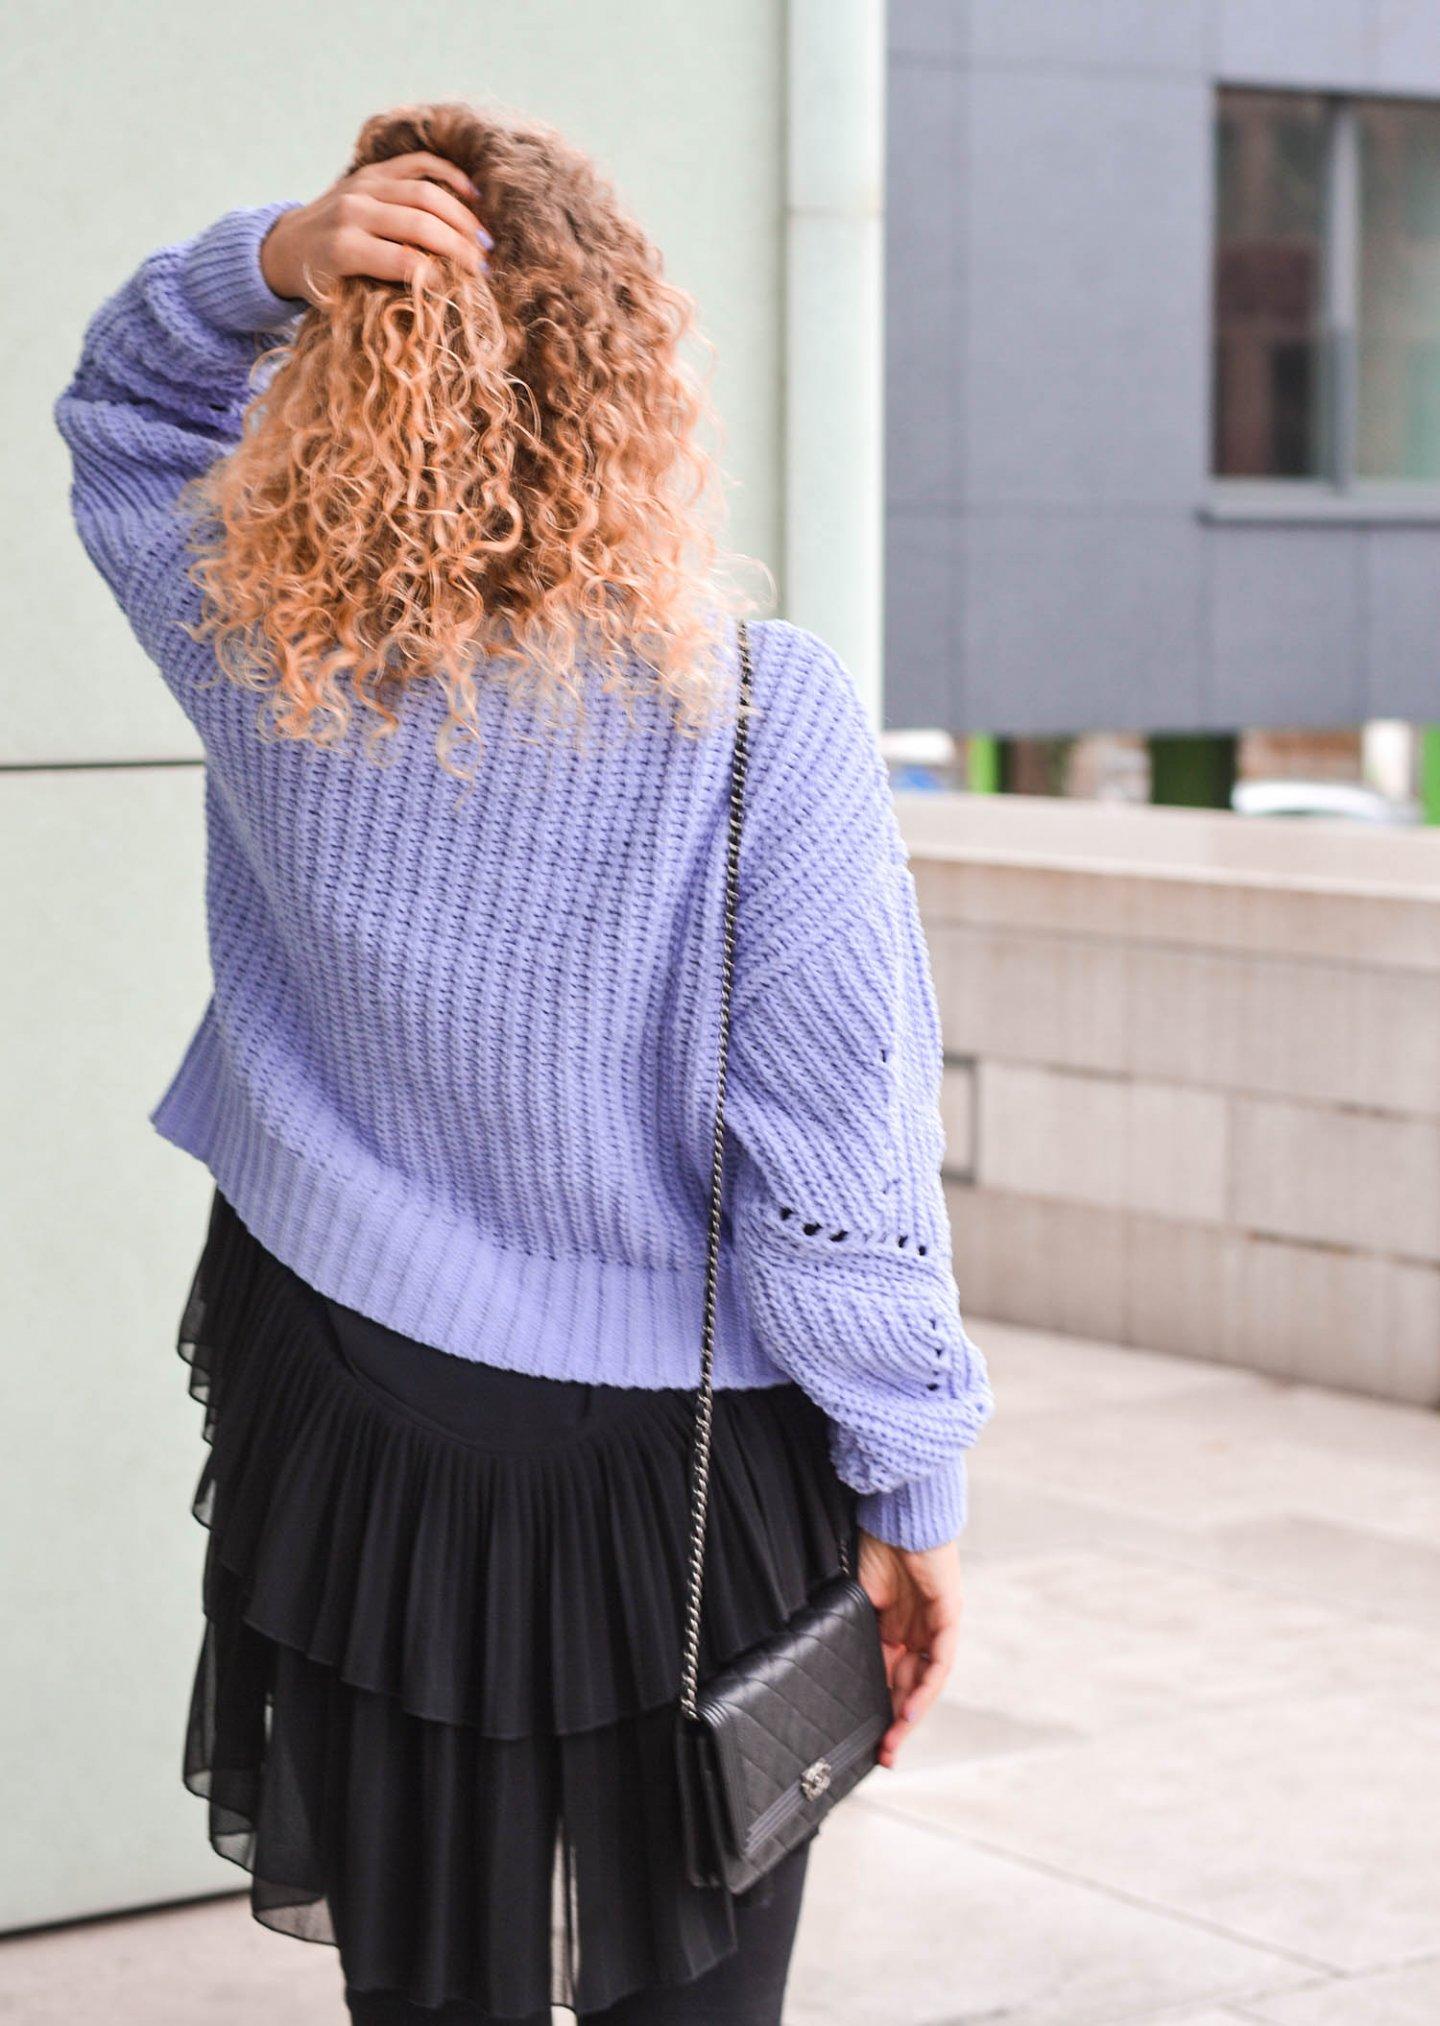 Statement-Schmuck-mit-winterlichem-Lagenlook-Kationette-Fashionblog-Germany-Outfit